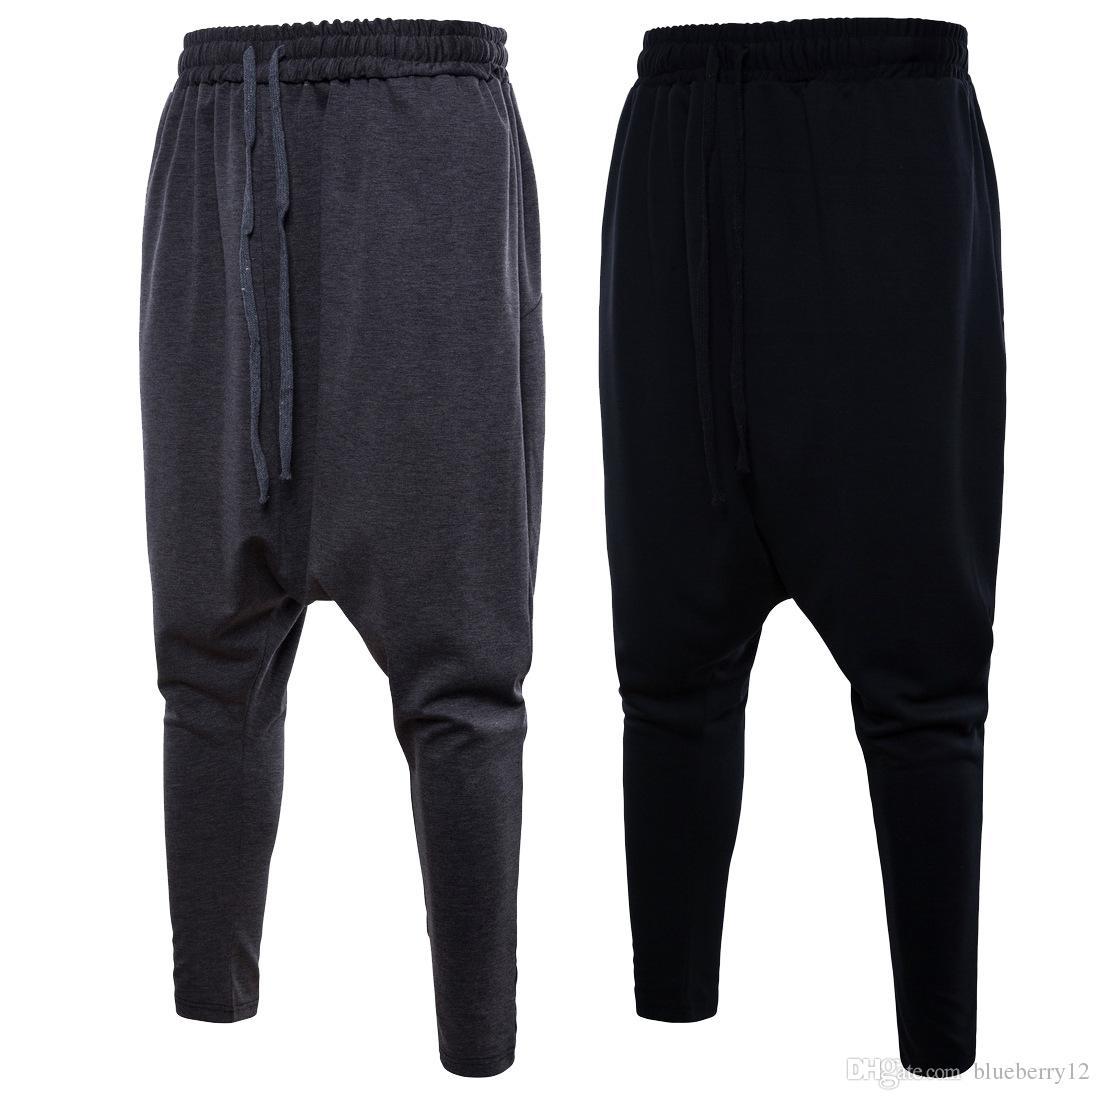 d744505f8 Compre es Hombres Pantalones Harem Moda Sólido Joggers Pantalones Lápiz  Deportivo Para Hombre Elástico Wasit Cordón Jogger A  41.93 Del Quota